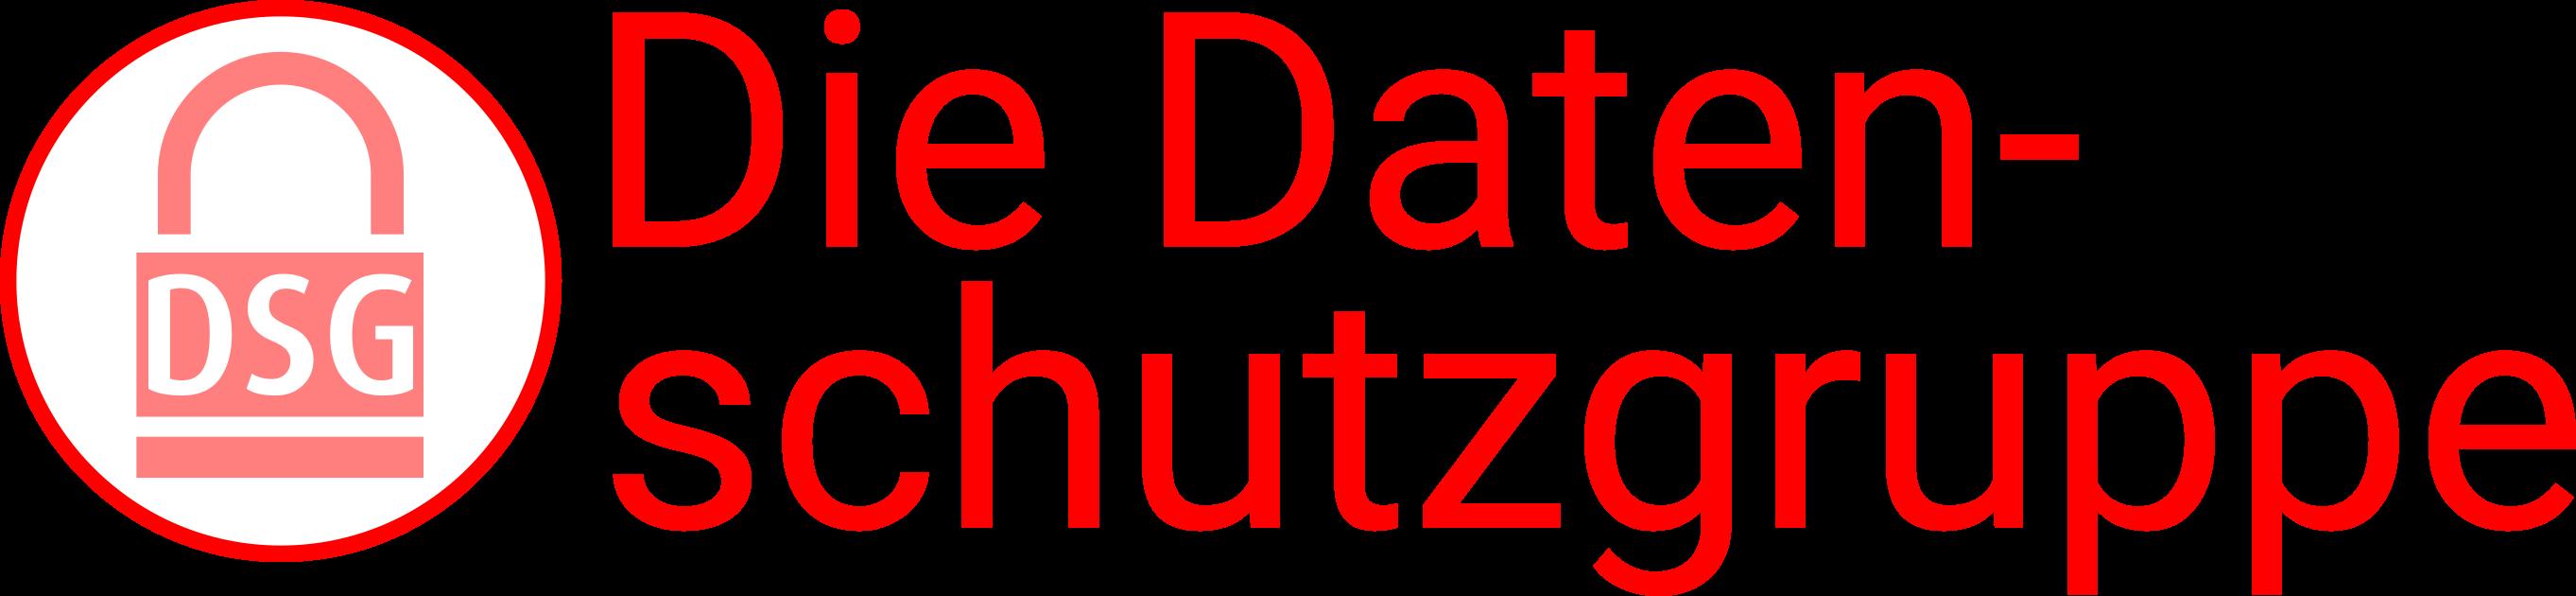 Die Datenschutzgruppe